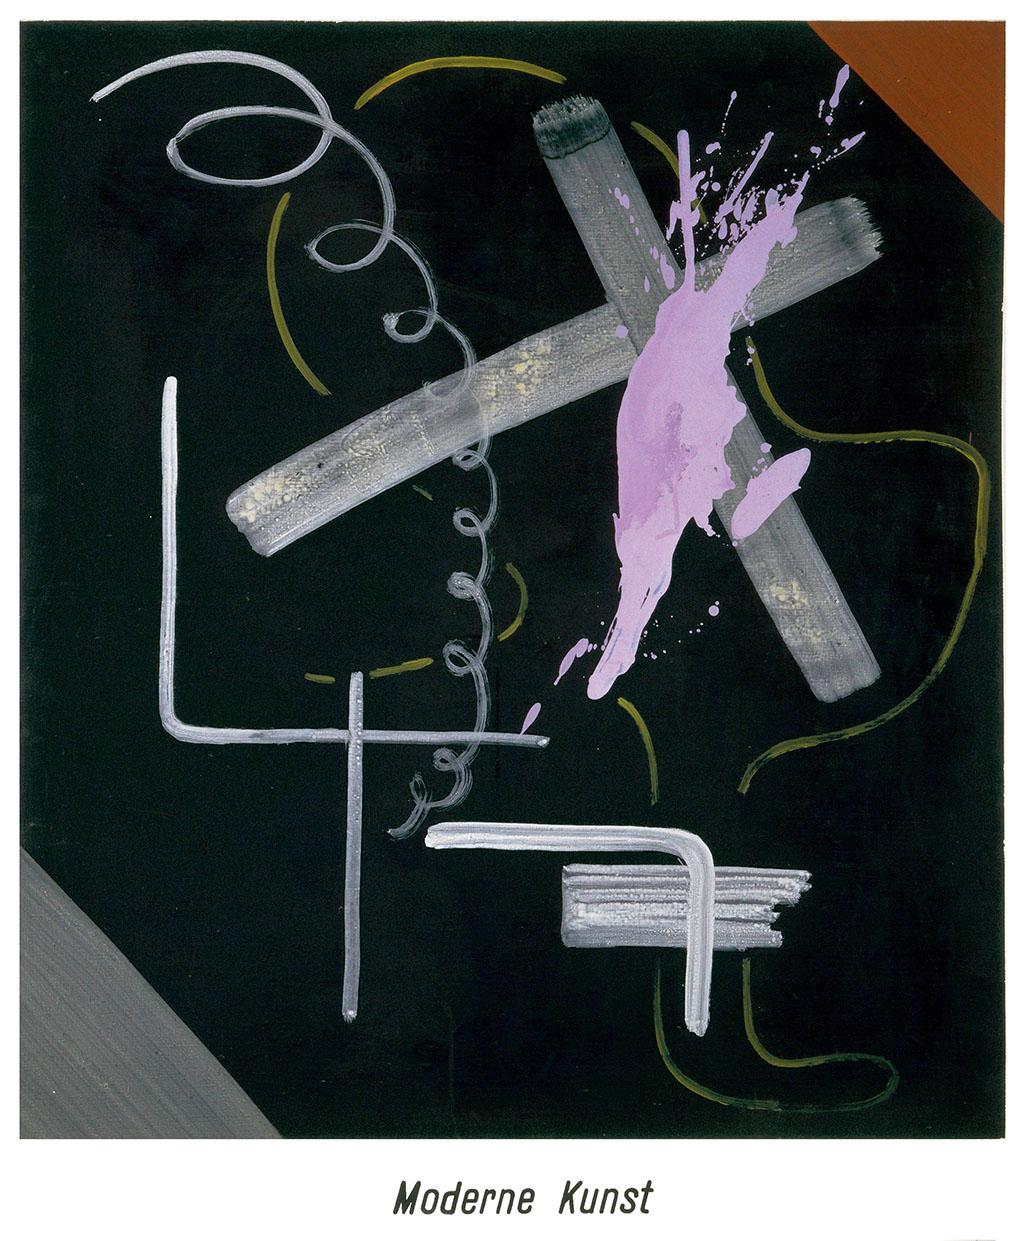 Modern Art (Moderne Kunst) 1968 Sigmar Polke